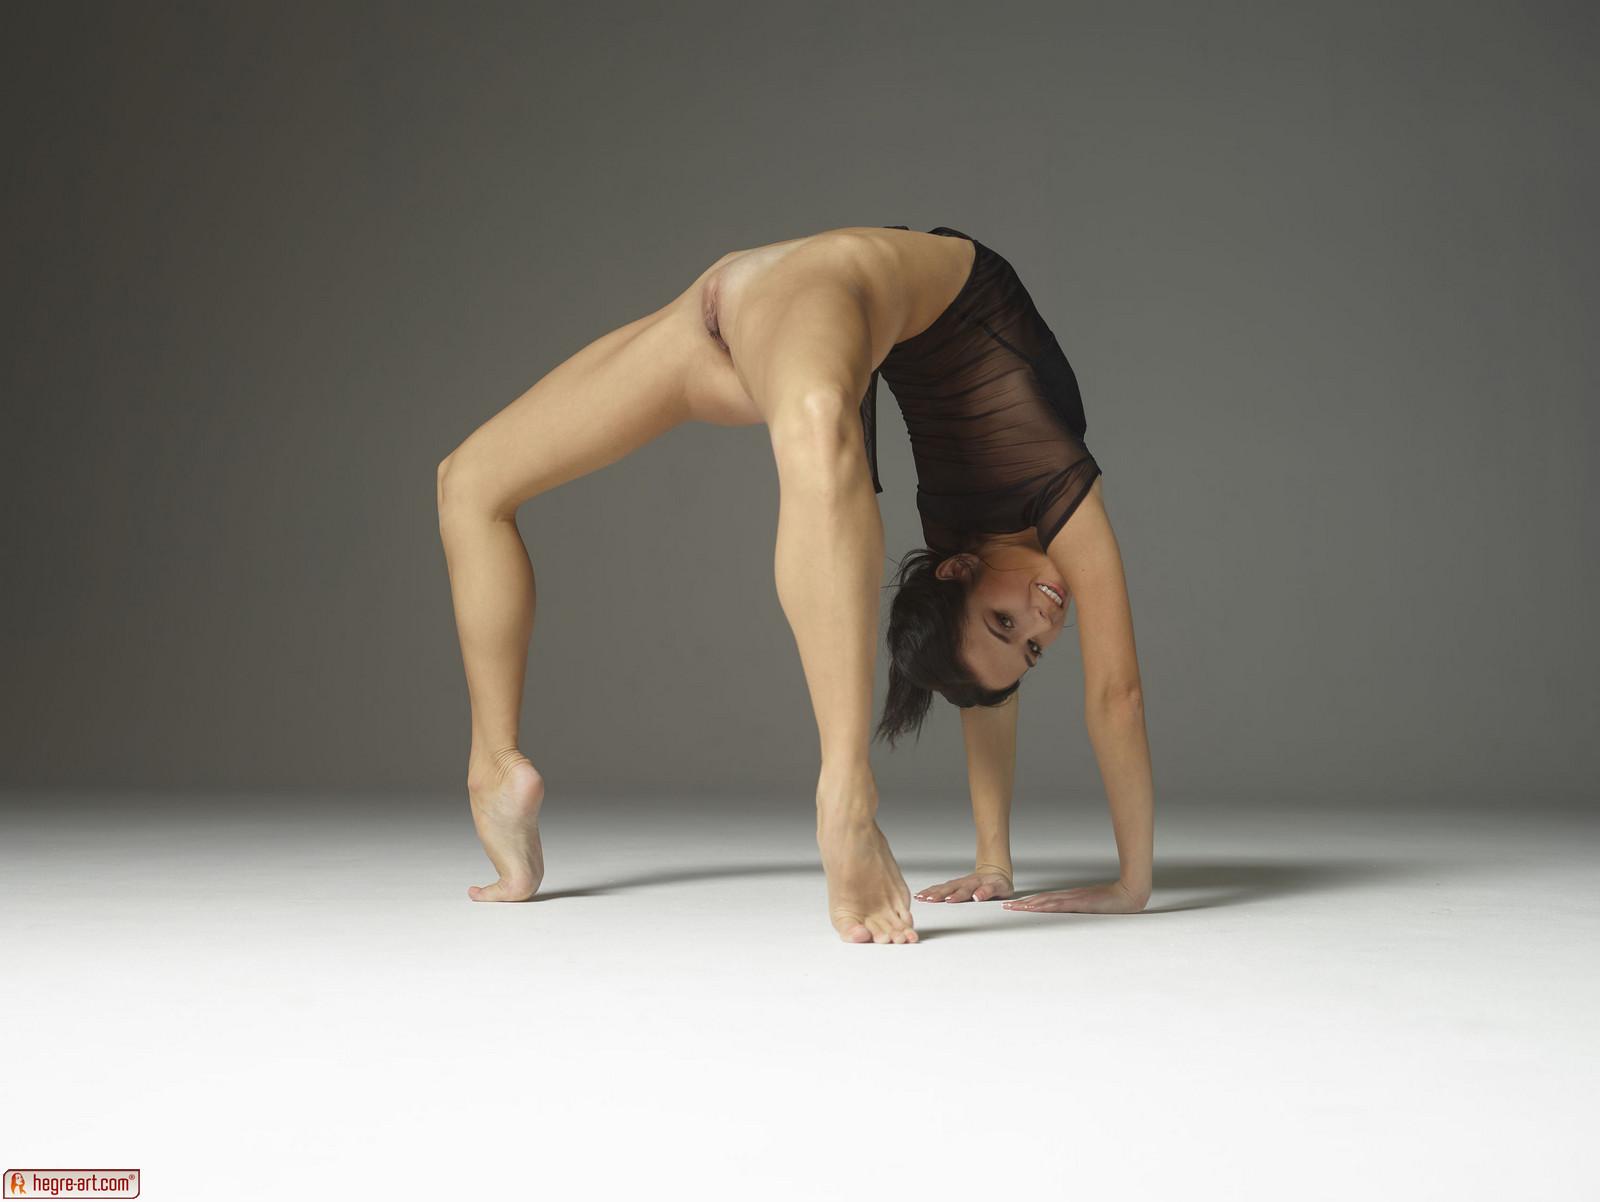 фото гимнасток без трусиков - 5